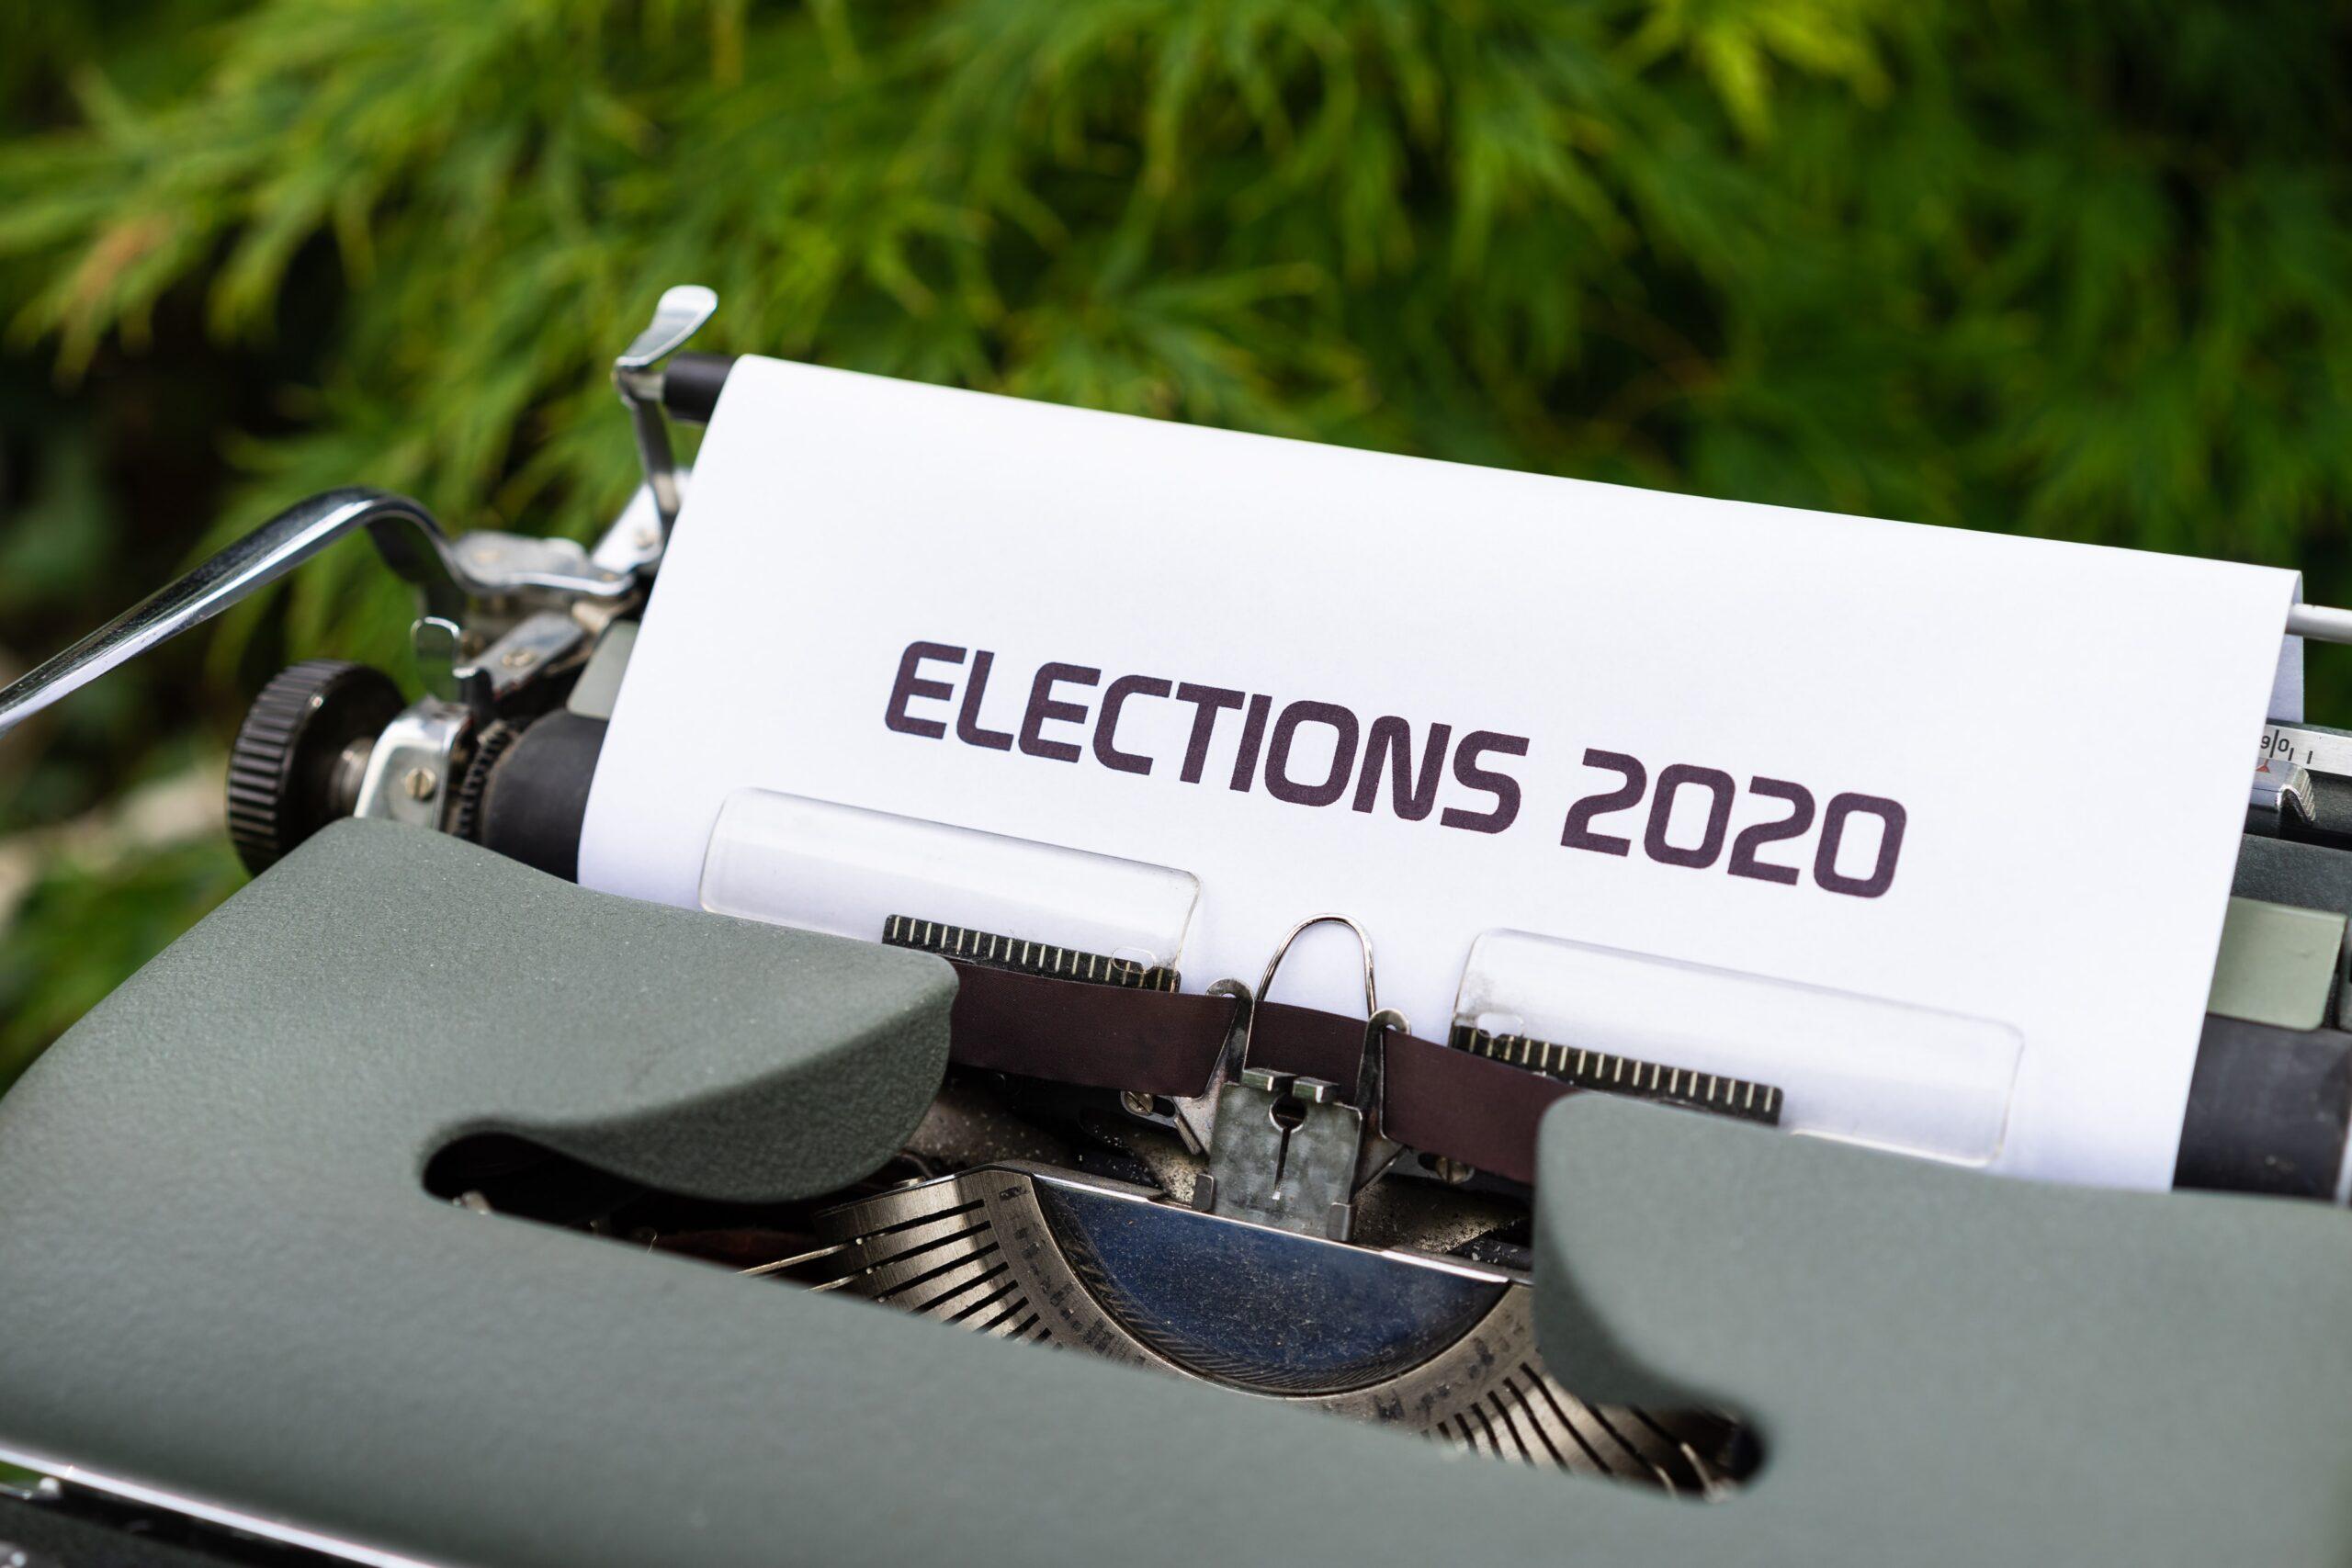 L'accorpamento di referendum e altre elezioni: un'analisi quantitativa – Brief Report